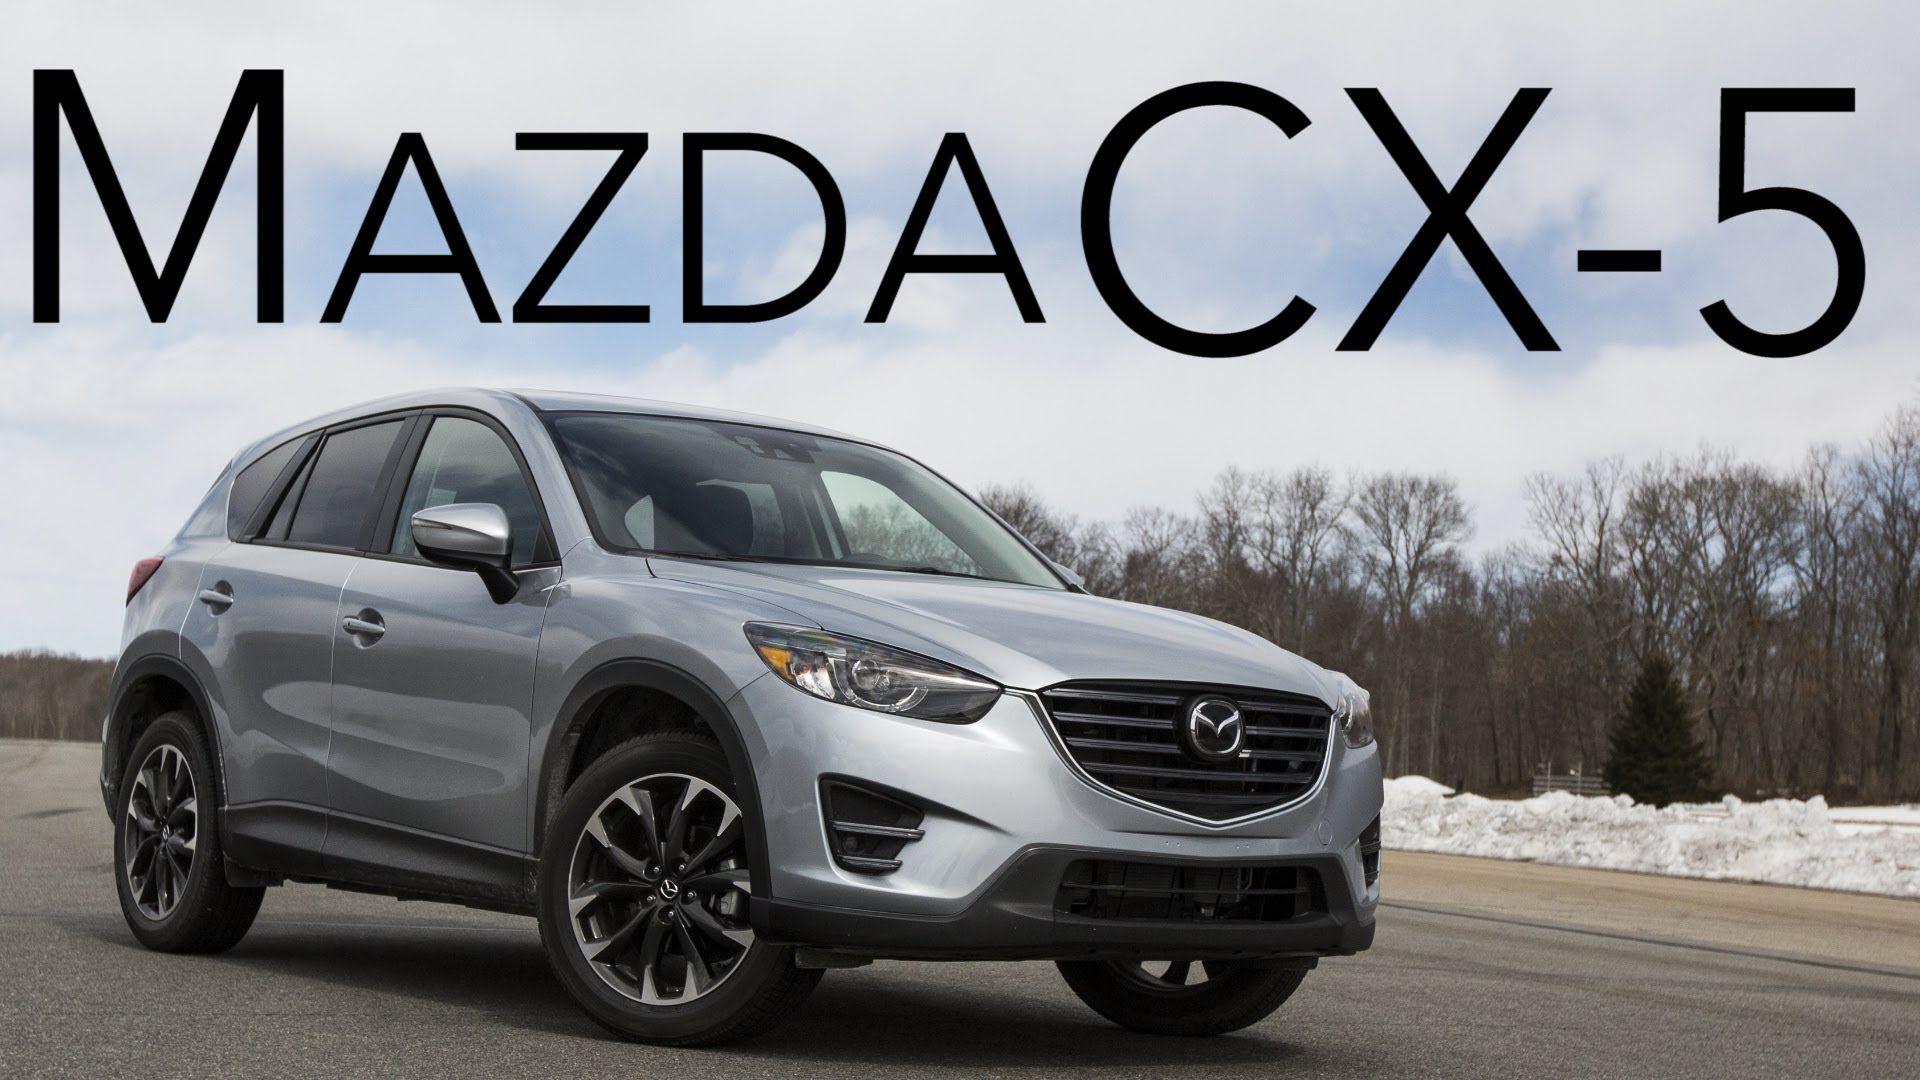 Mazda cx 5 2016 review australia mazda cx 5 interior for Interior mazda cx 5